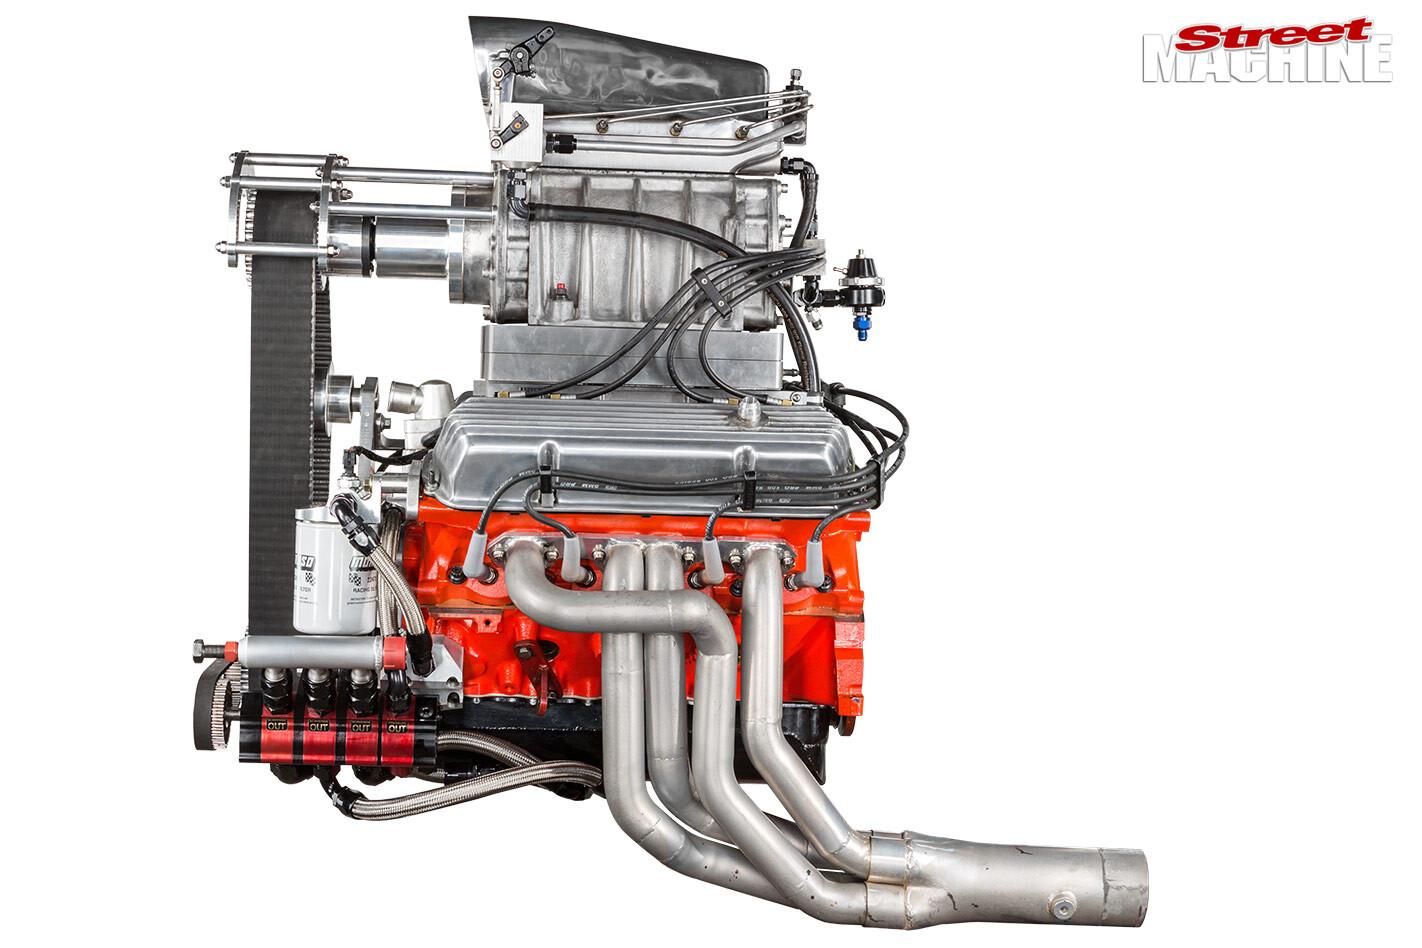 Blown 253 engine